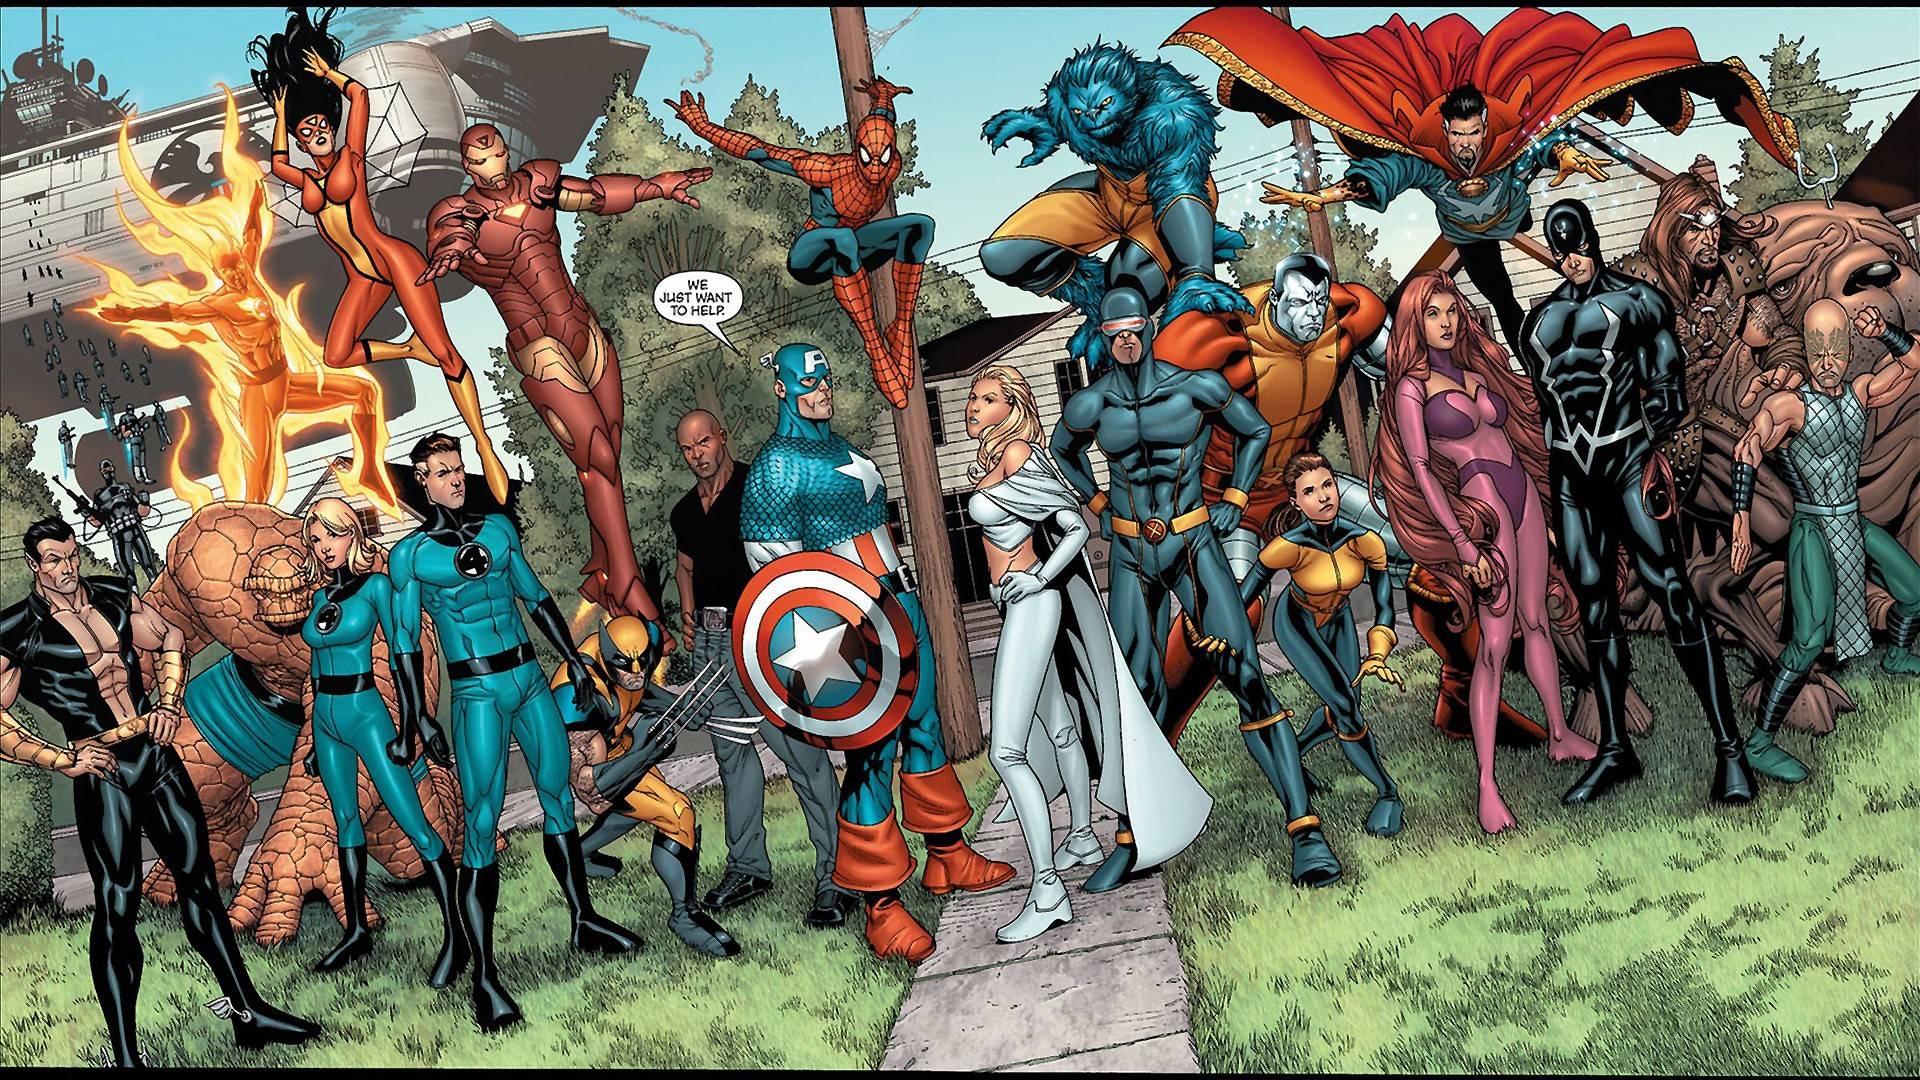 Must see Wallpaper Marvel Variant - JKU25Hl  Collection_244960.jpg